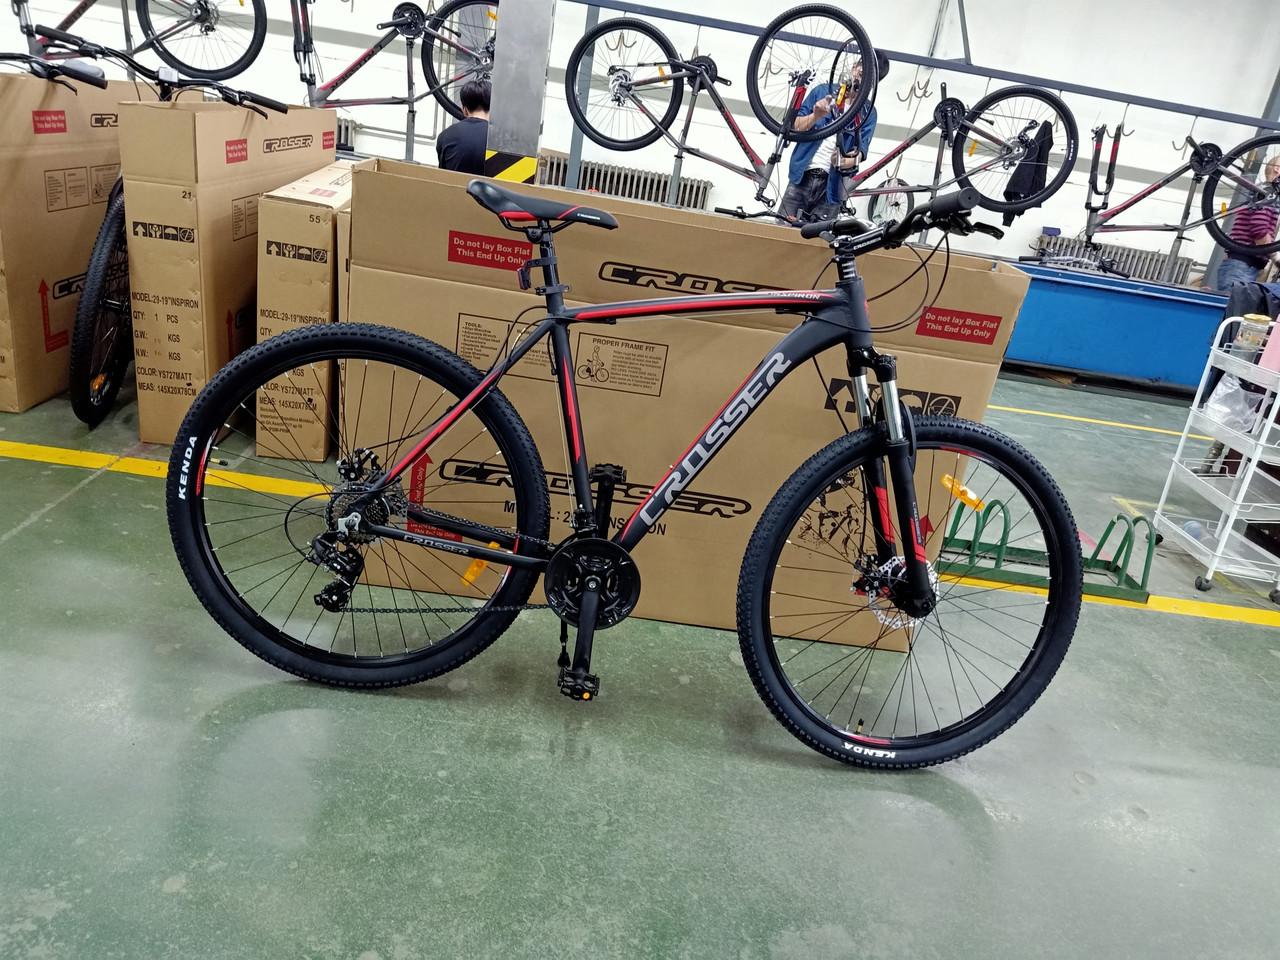 Велосипед CROSSER 29  Inspirion 22 2020 года Черный\Красный цвет